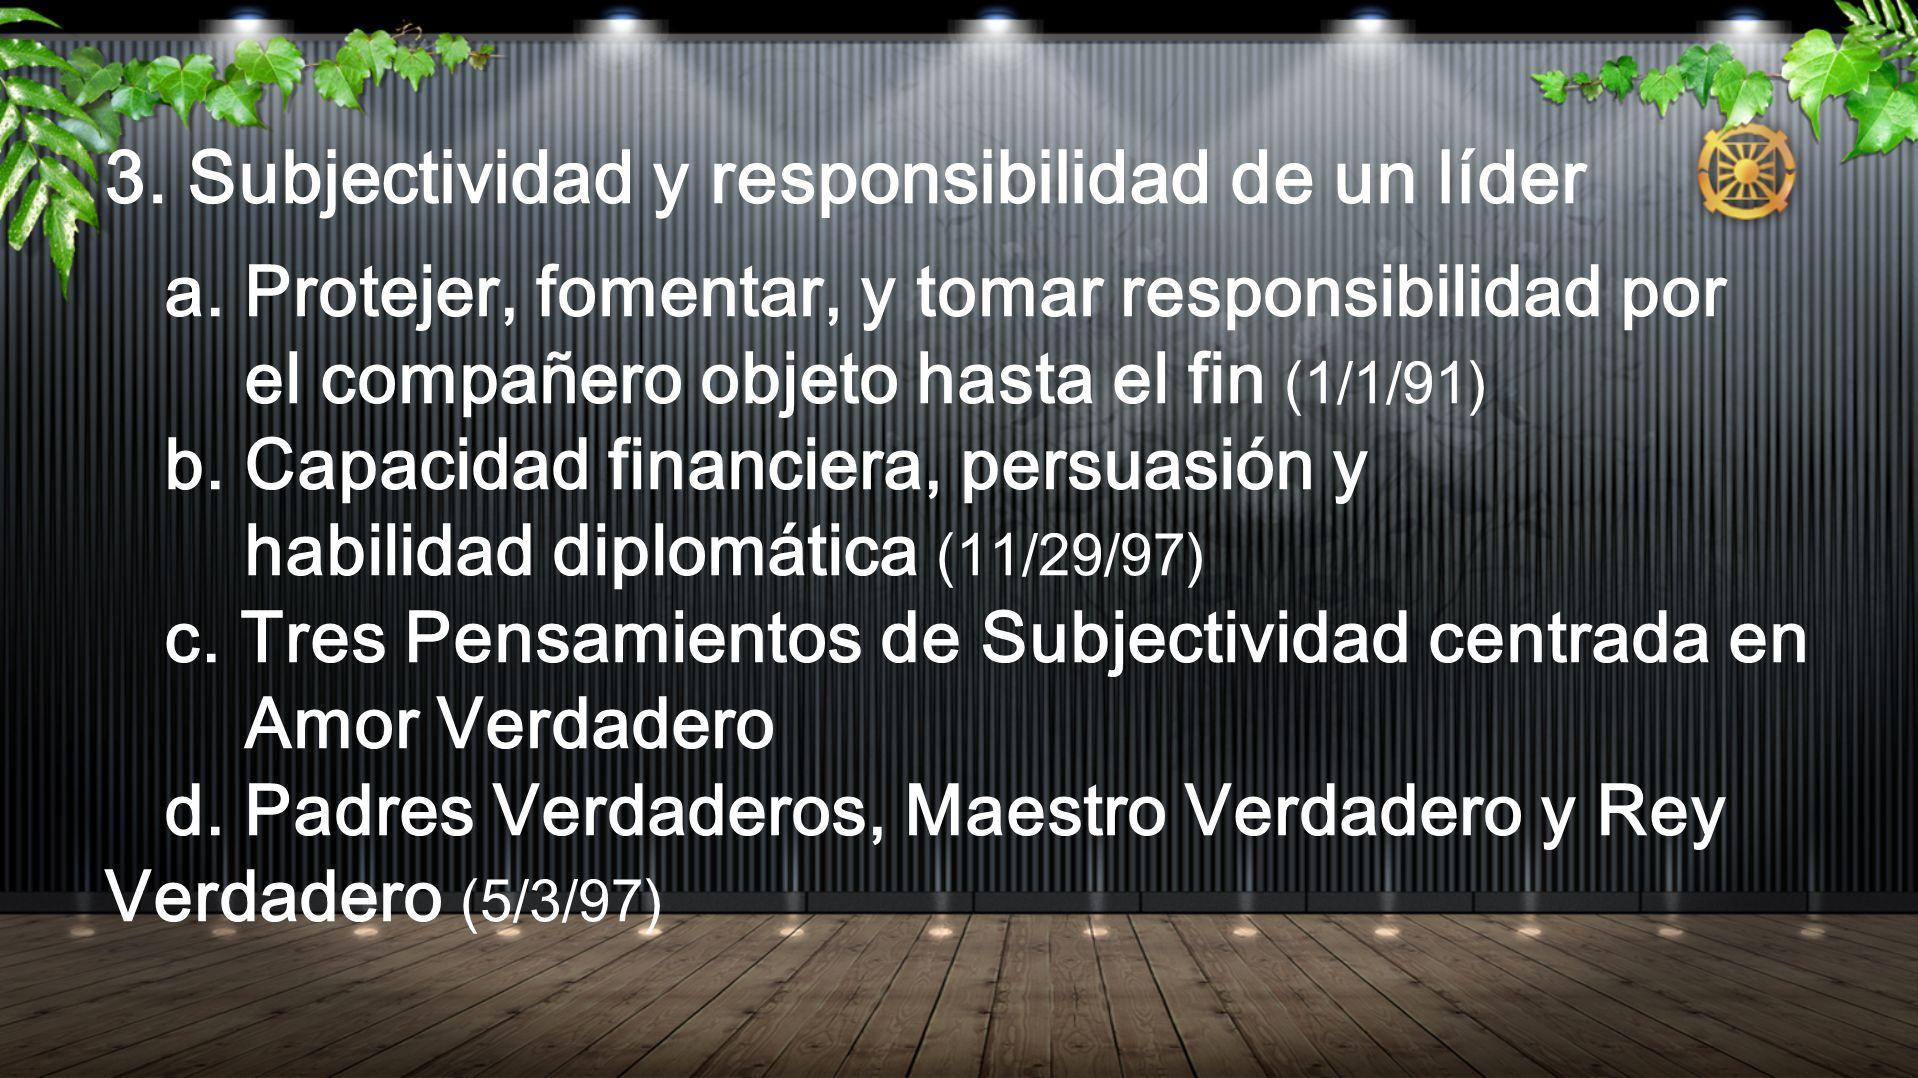 3. Subjectividad y responsibilidad de un líder a. Protejer, fomentar, y tomar responsibilidad por el compañero objeto hasta el fin (1/1/91) b. Capacid